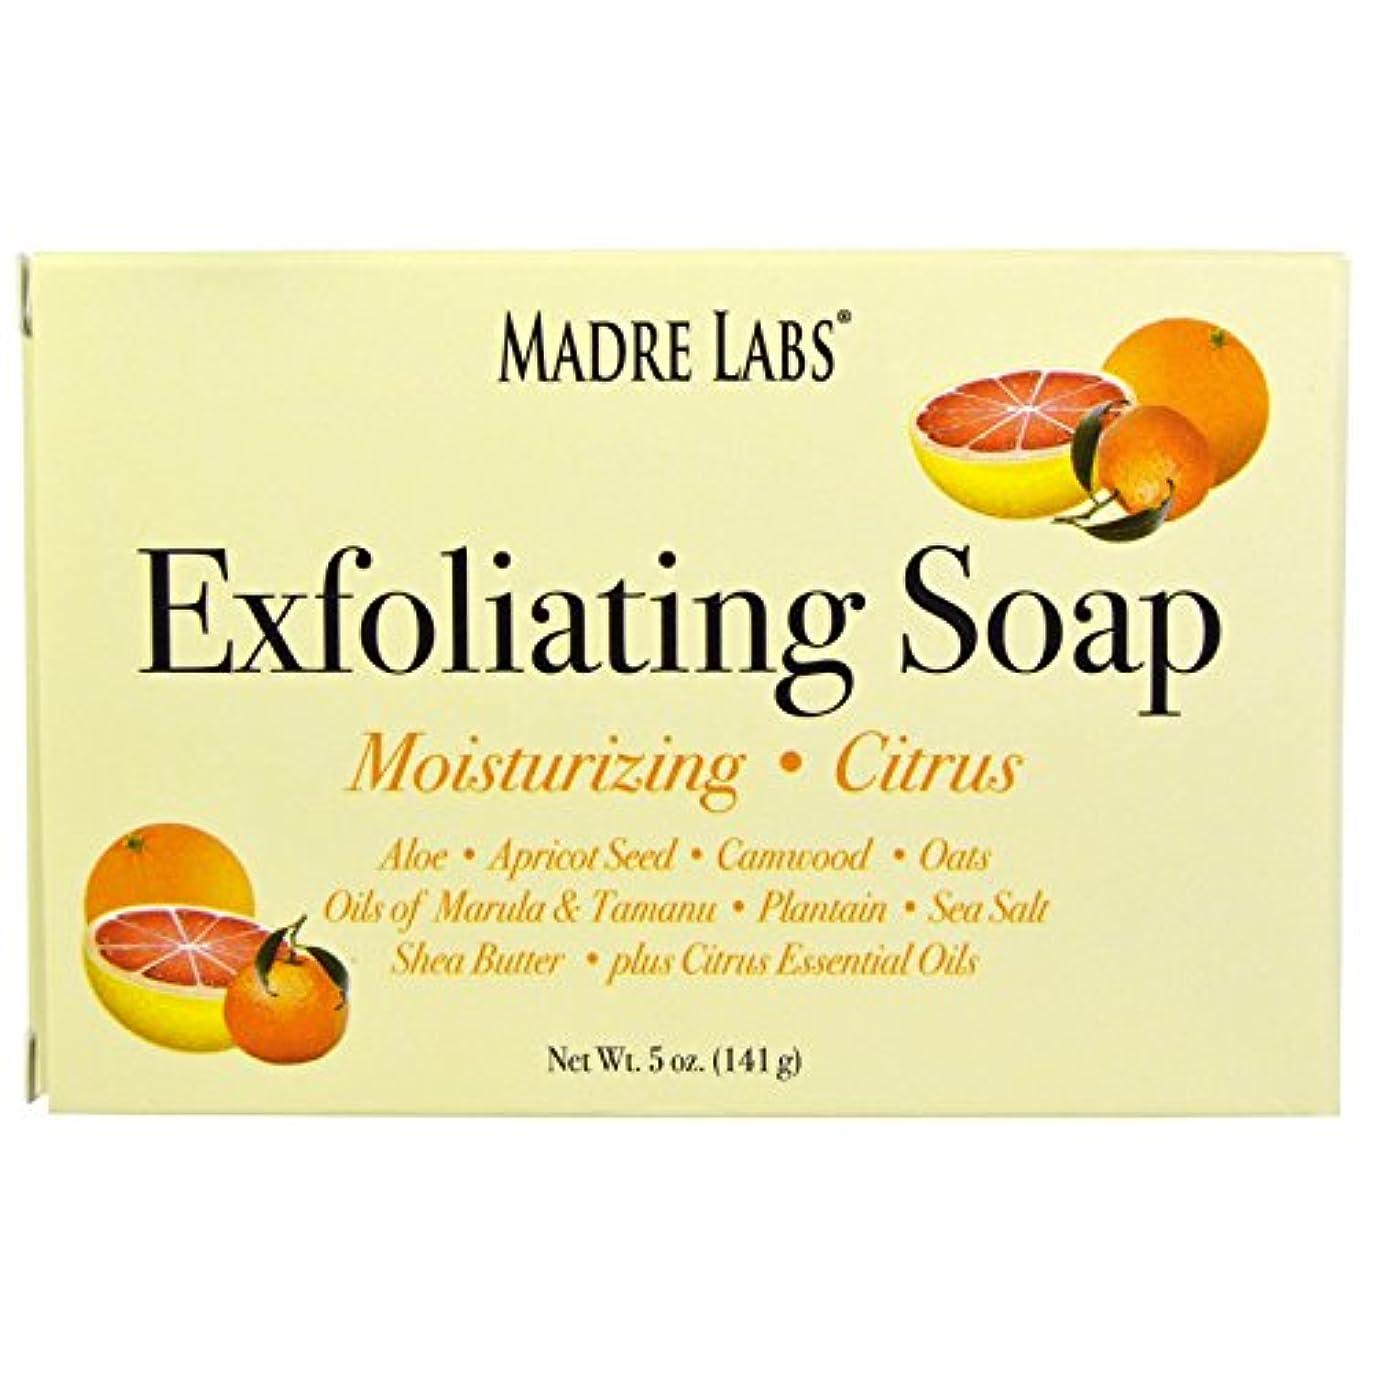 倉庫断片ステレオマドレラブ シアバター入り石鹸 柑橘フレーバー Madre Labs Exfoliating Soap Bar with Marula & Tamanu Oils plus Shea Butter